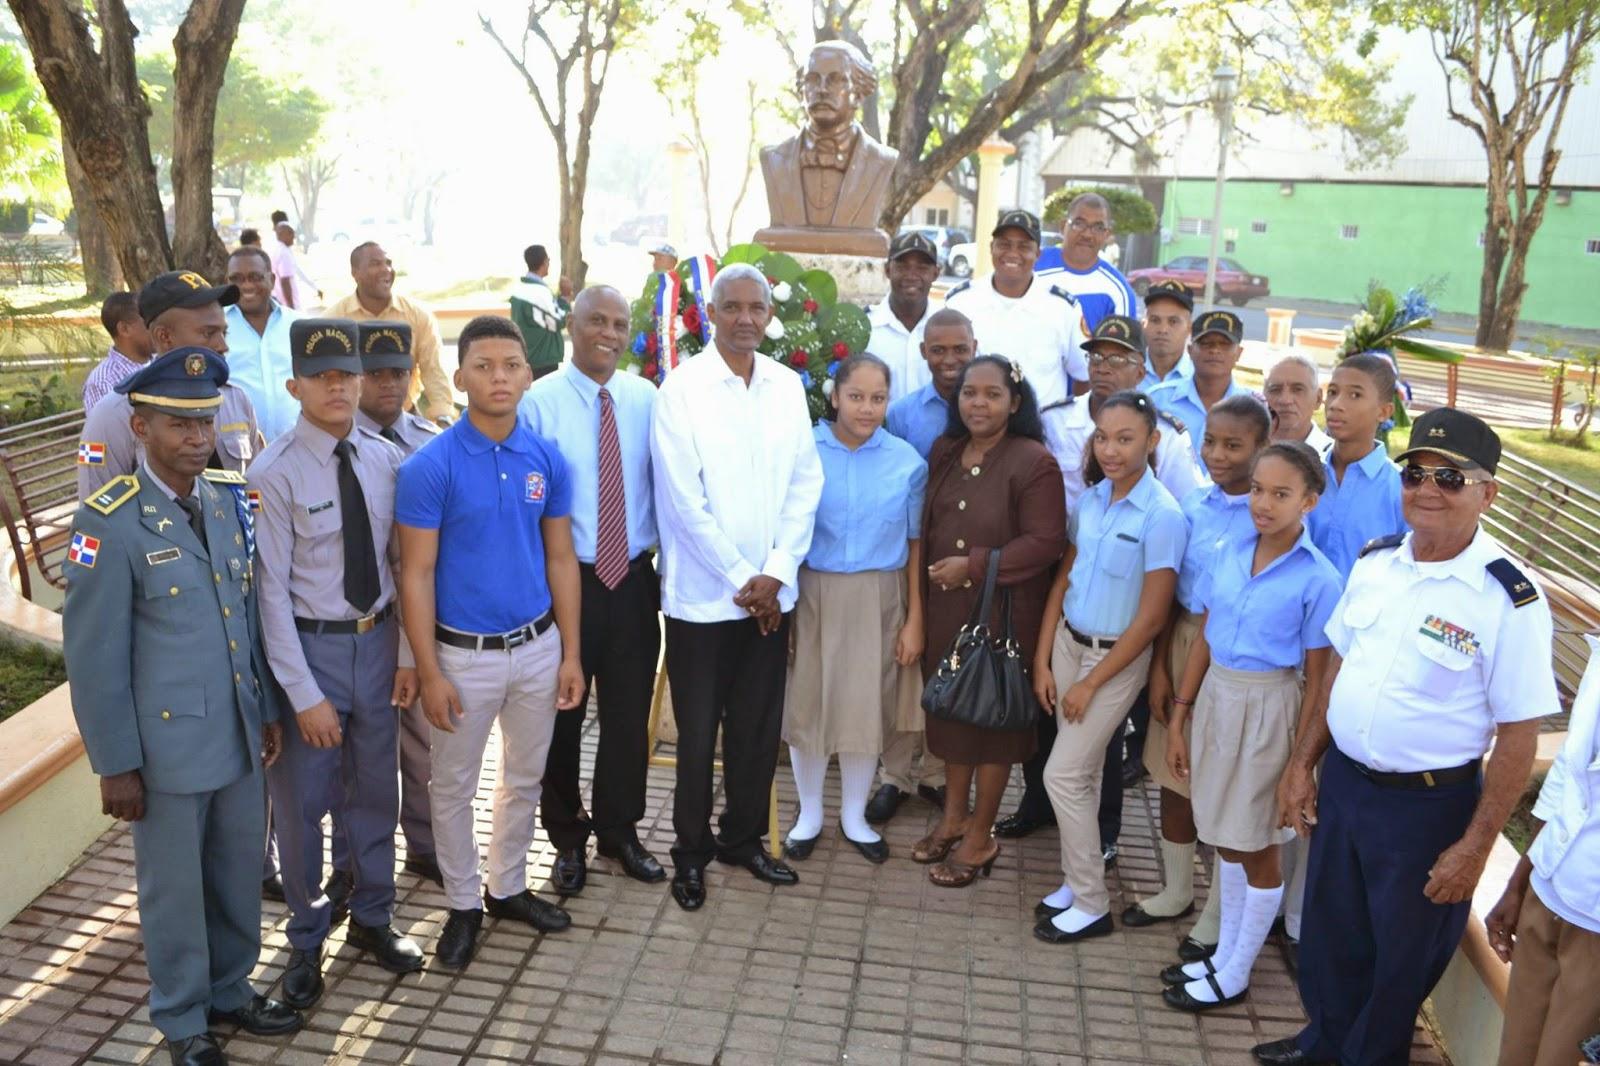 Alcalde Isaías Valdez exhorta a los jóvenes a seguir el ejemplo, trabajo, sacrificio y superación de los trinitarios